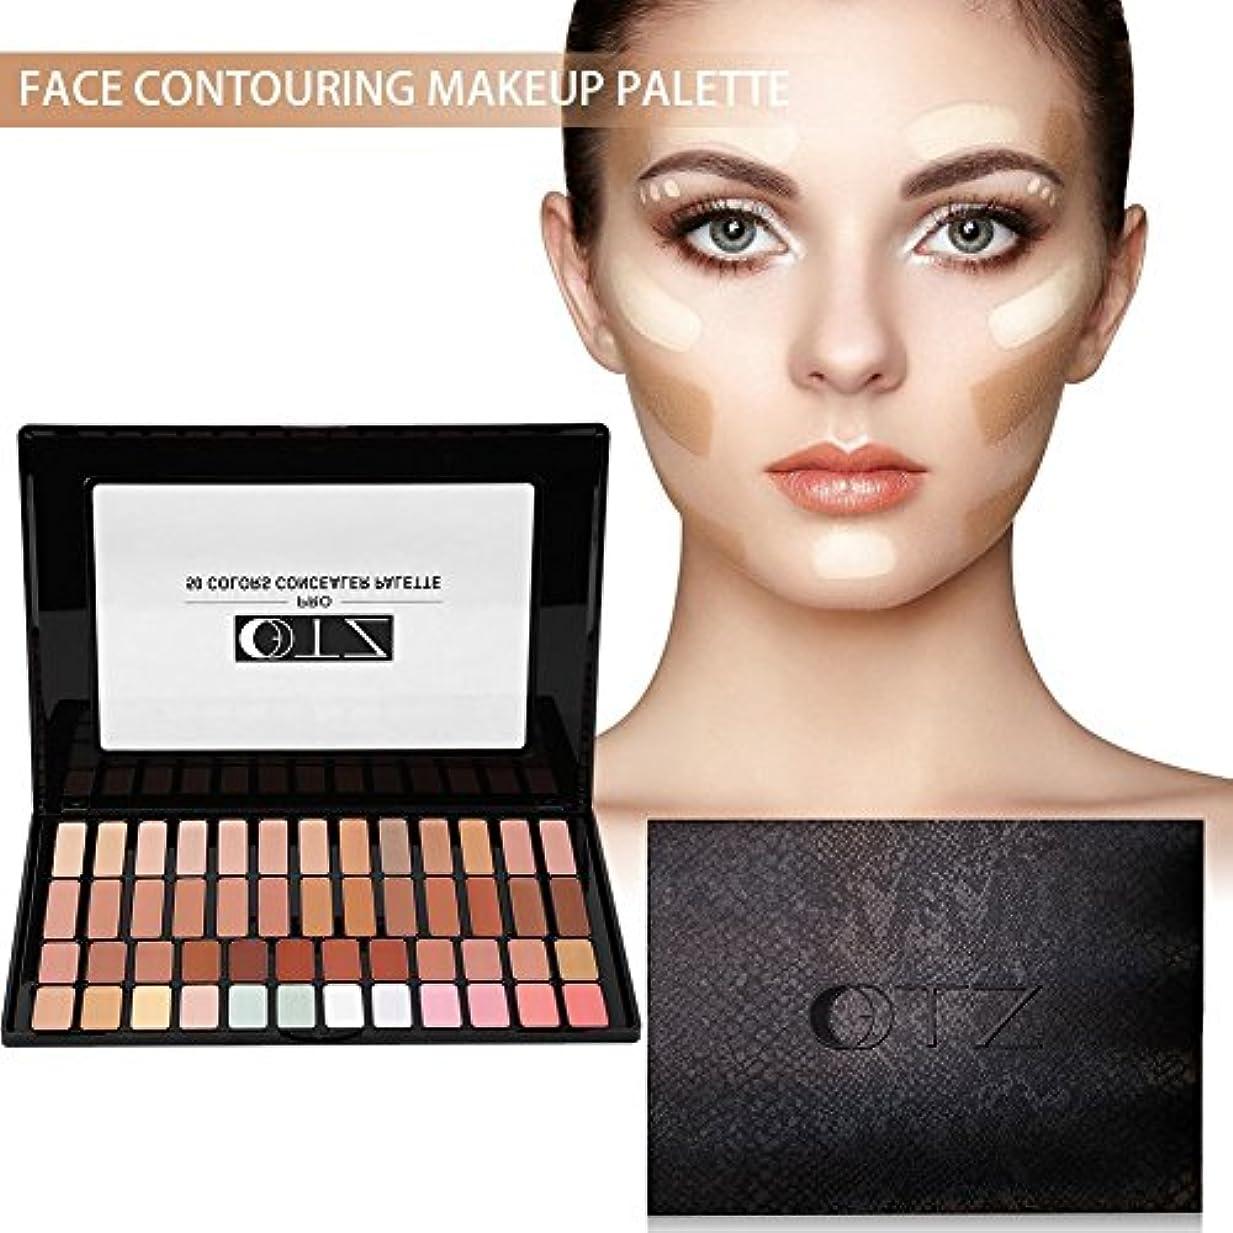 トリッキー侵入オークション顔の輪郭を作る化粧パレット、50色の肌の明るくなる眉輪郭コンシーラーハイライトパウダーキット